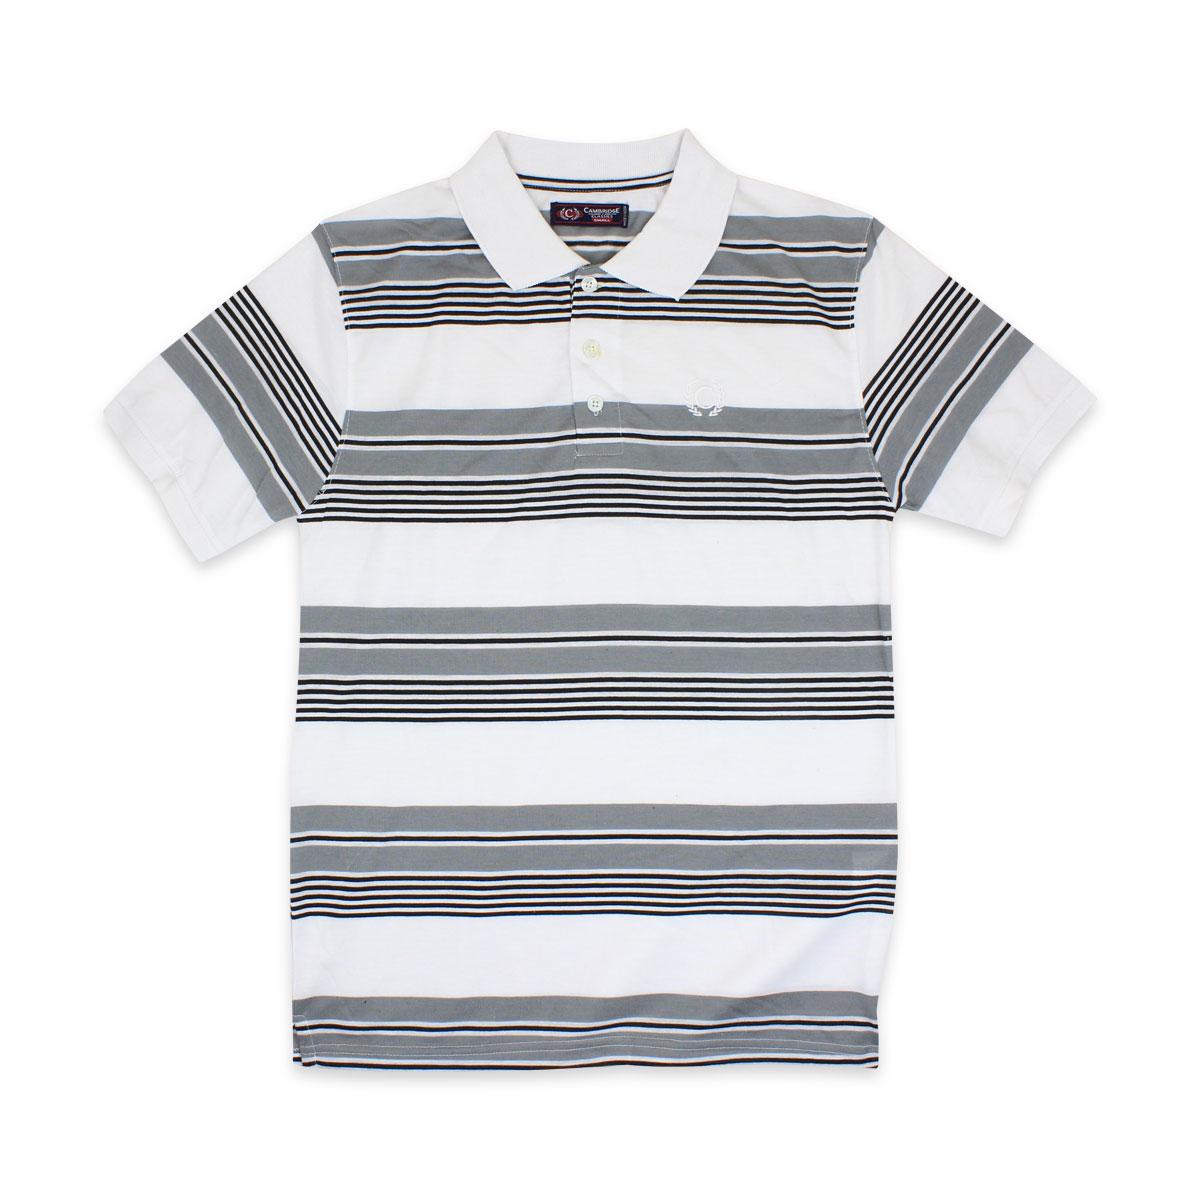 Camisas-Polo-Para-Hombre-A-Rayas-Pique-Con-Cuello-camiseta-Camiseta-Manga-Corta-De-Verano-S-M-L-XL miniatura 72